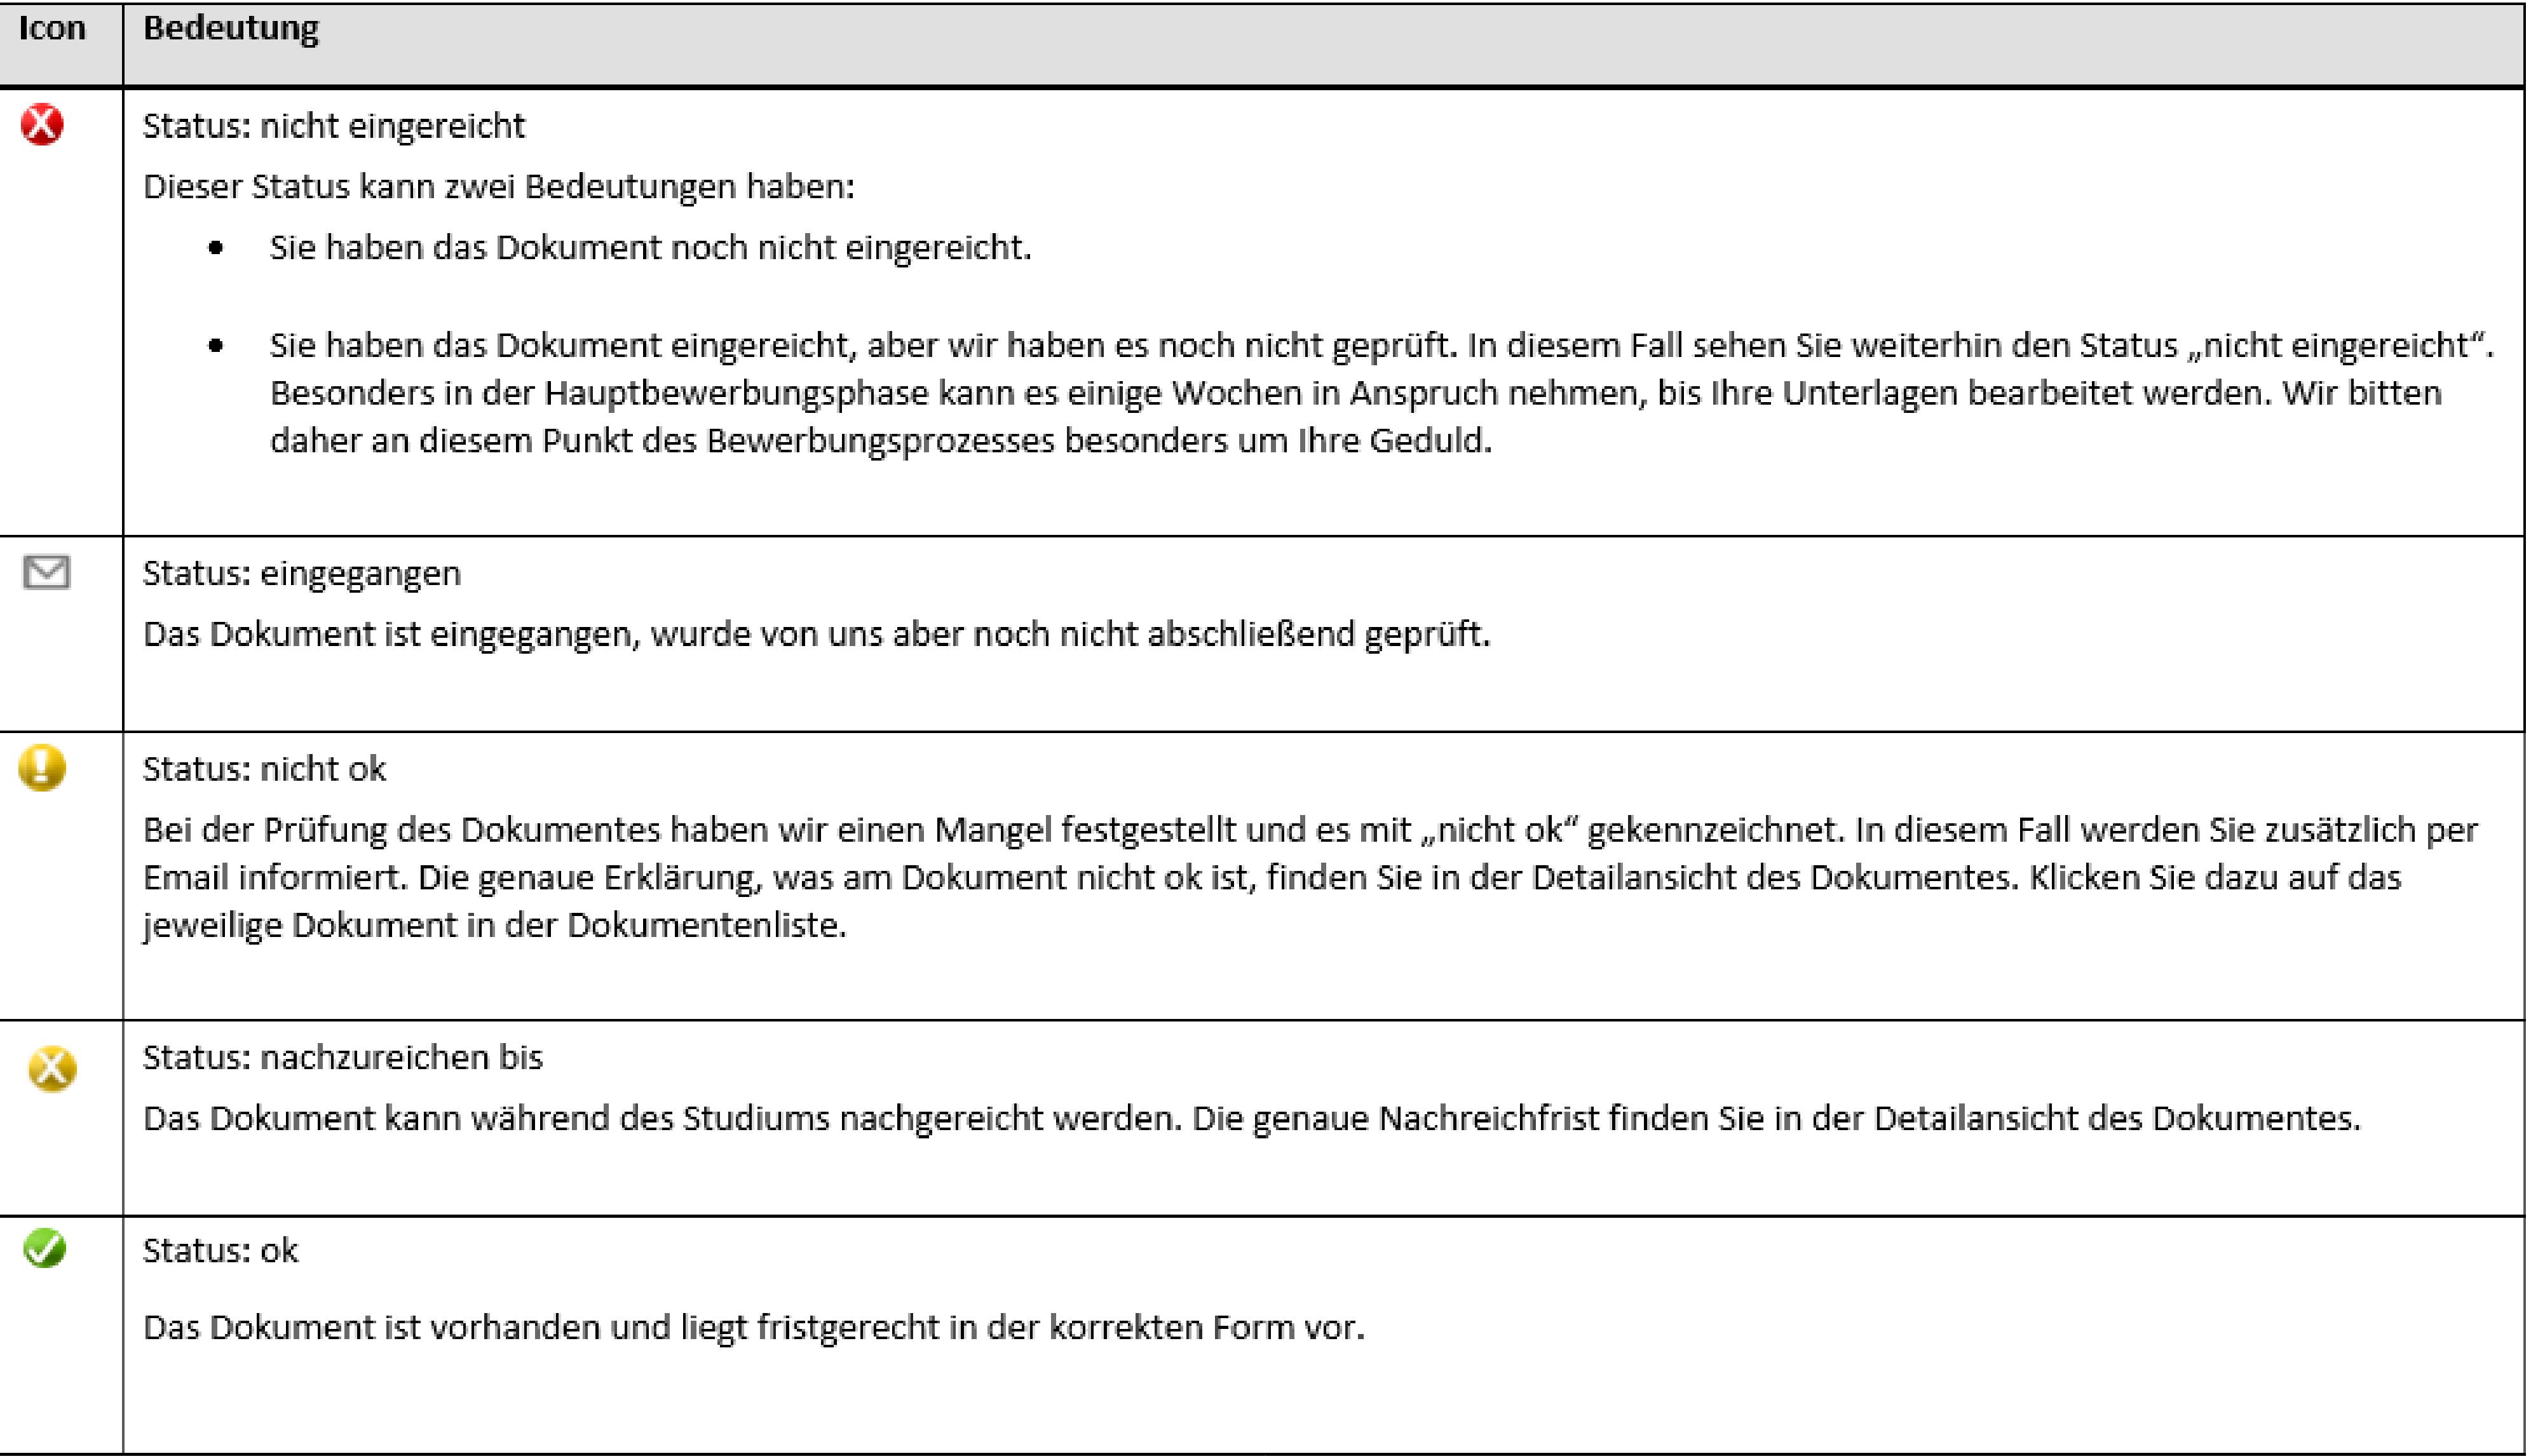 Rotes X: Dokument wurde nicht eingereicht. Briefumschlag: Dokument ist eingegangen, aber noch nicht geprüft. Gelbes Ausrufezeichen: Dokument wurde geprüft und ist nicht ok. Gelbes X: Dokument muss während dem Studium nachgereicht werden. Grüner Haken: Dokument ist ok.